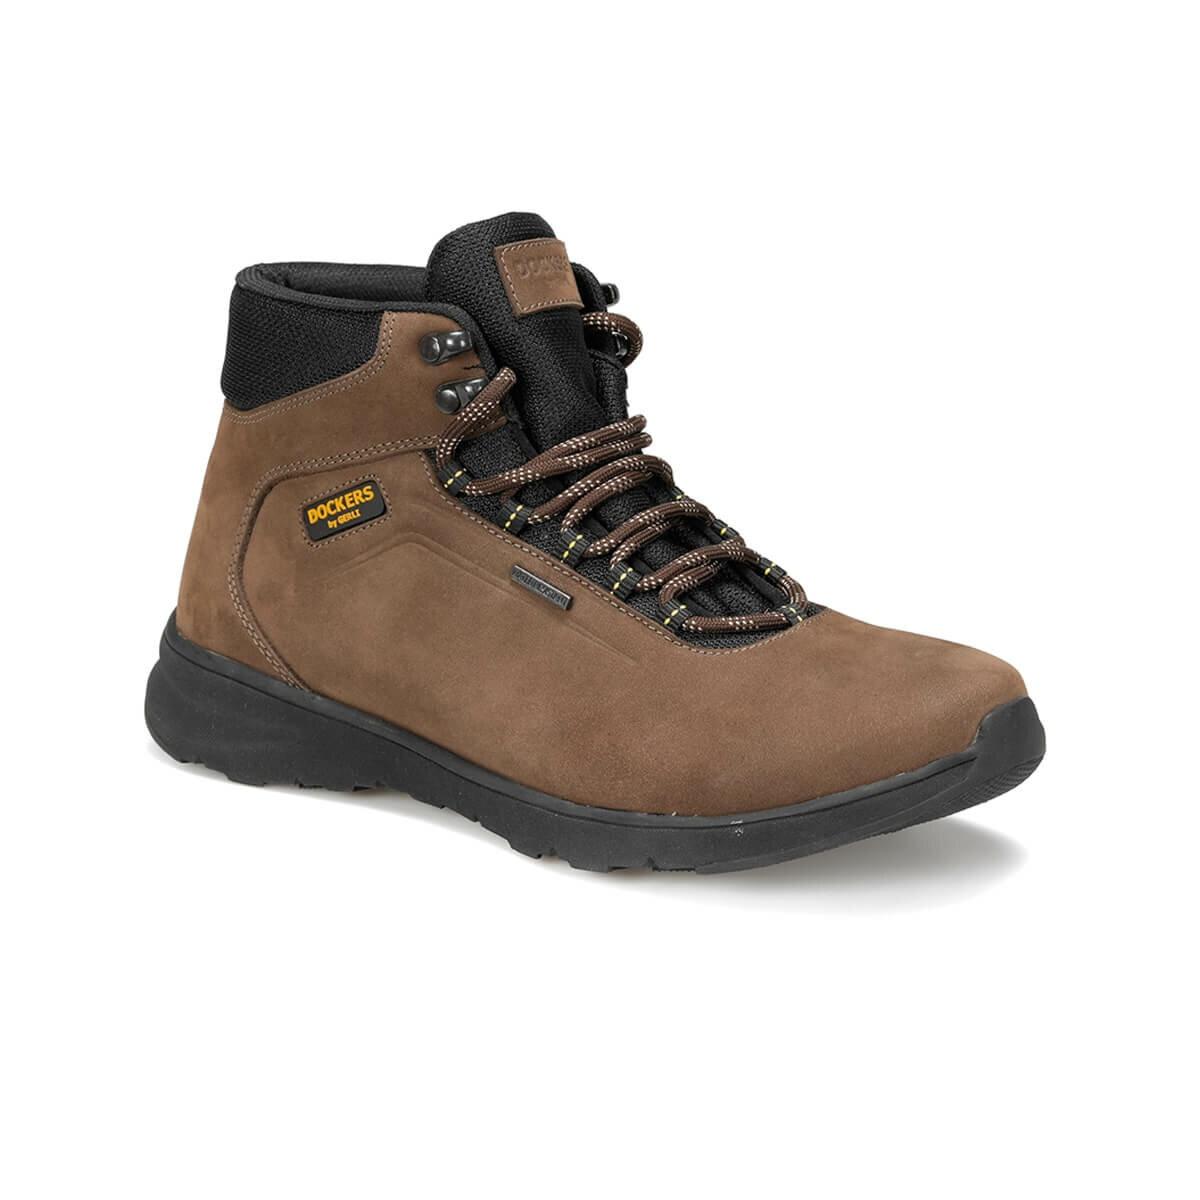 FLO 227223N 9PR Brown Men Boots By Dockers The Gerle